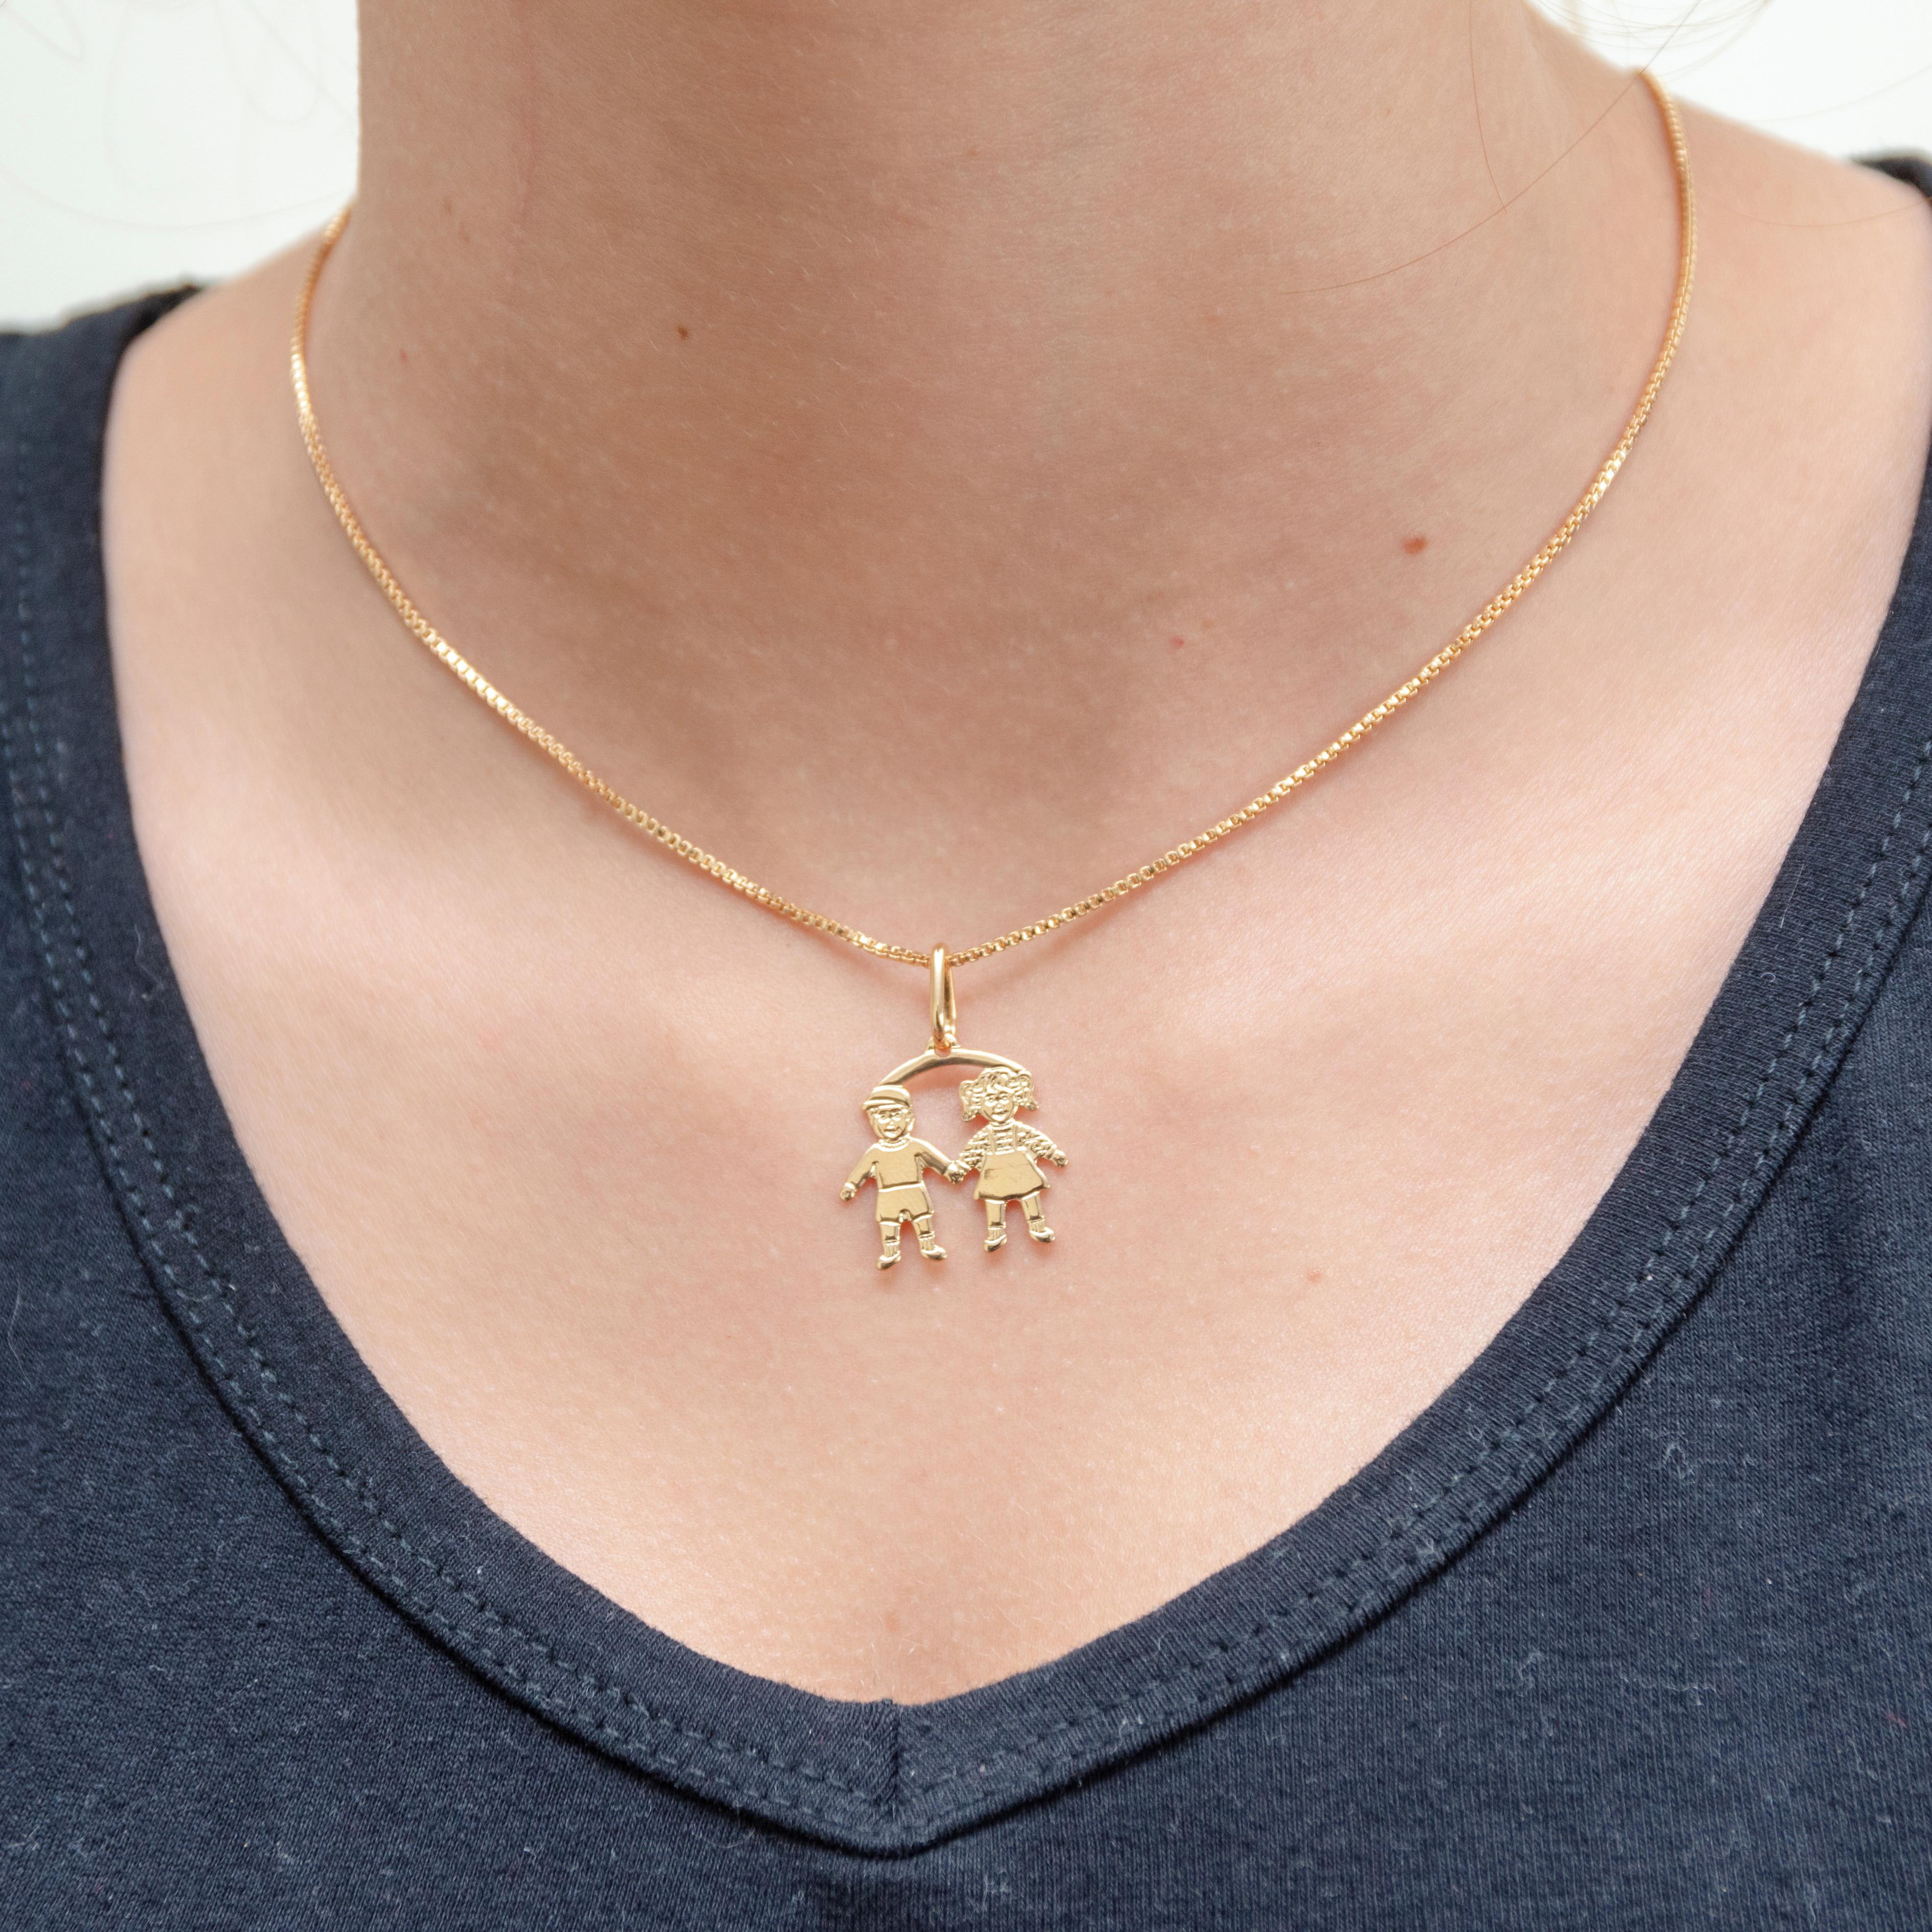 Colar Folheado a Ouro 45cm com Pingente de Diamante   Elo7 052b916fc8